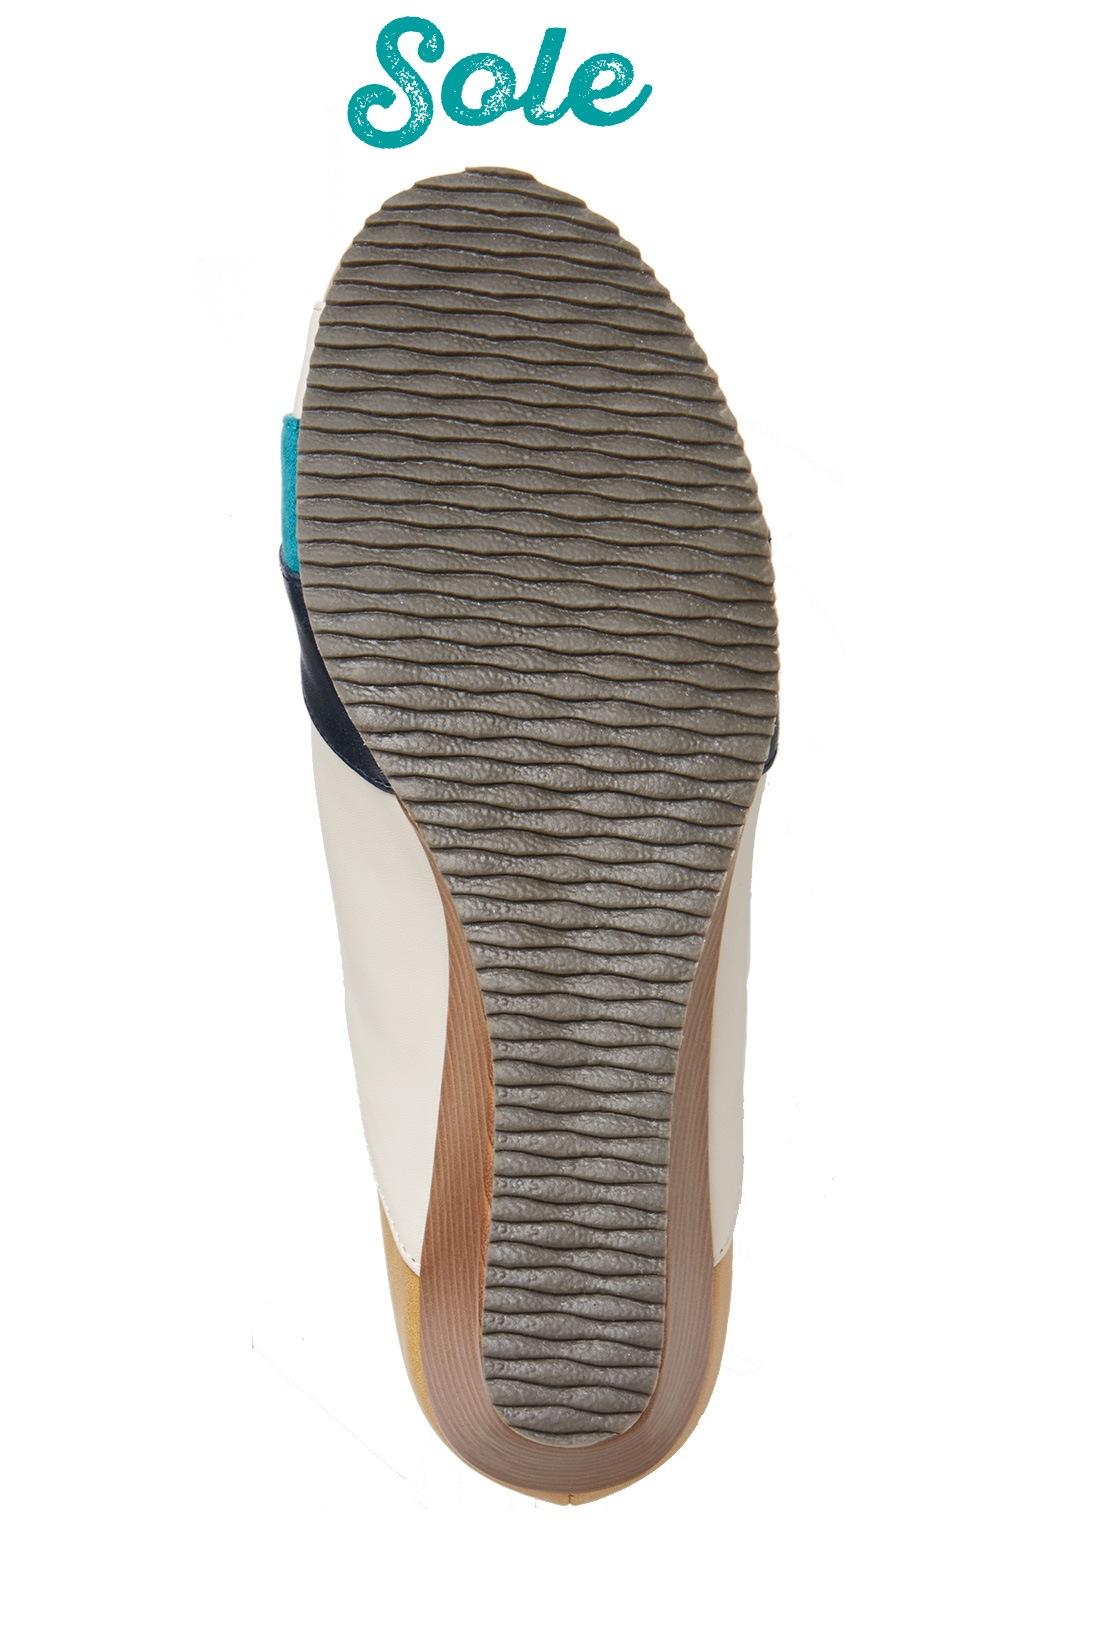 太幅のゴム底は不規則な波型の形状で滑りにくく、スニーカー級の安定感。 ※お届けするカラーとは異なります。